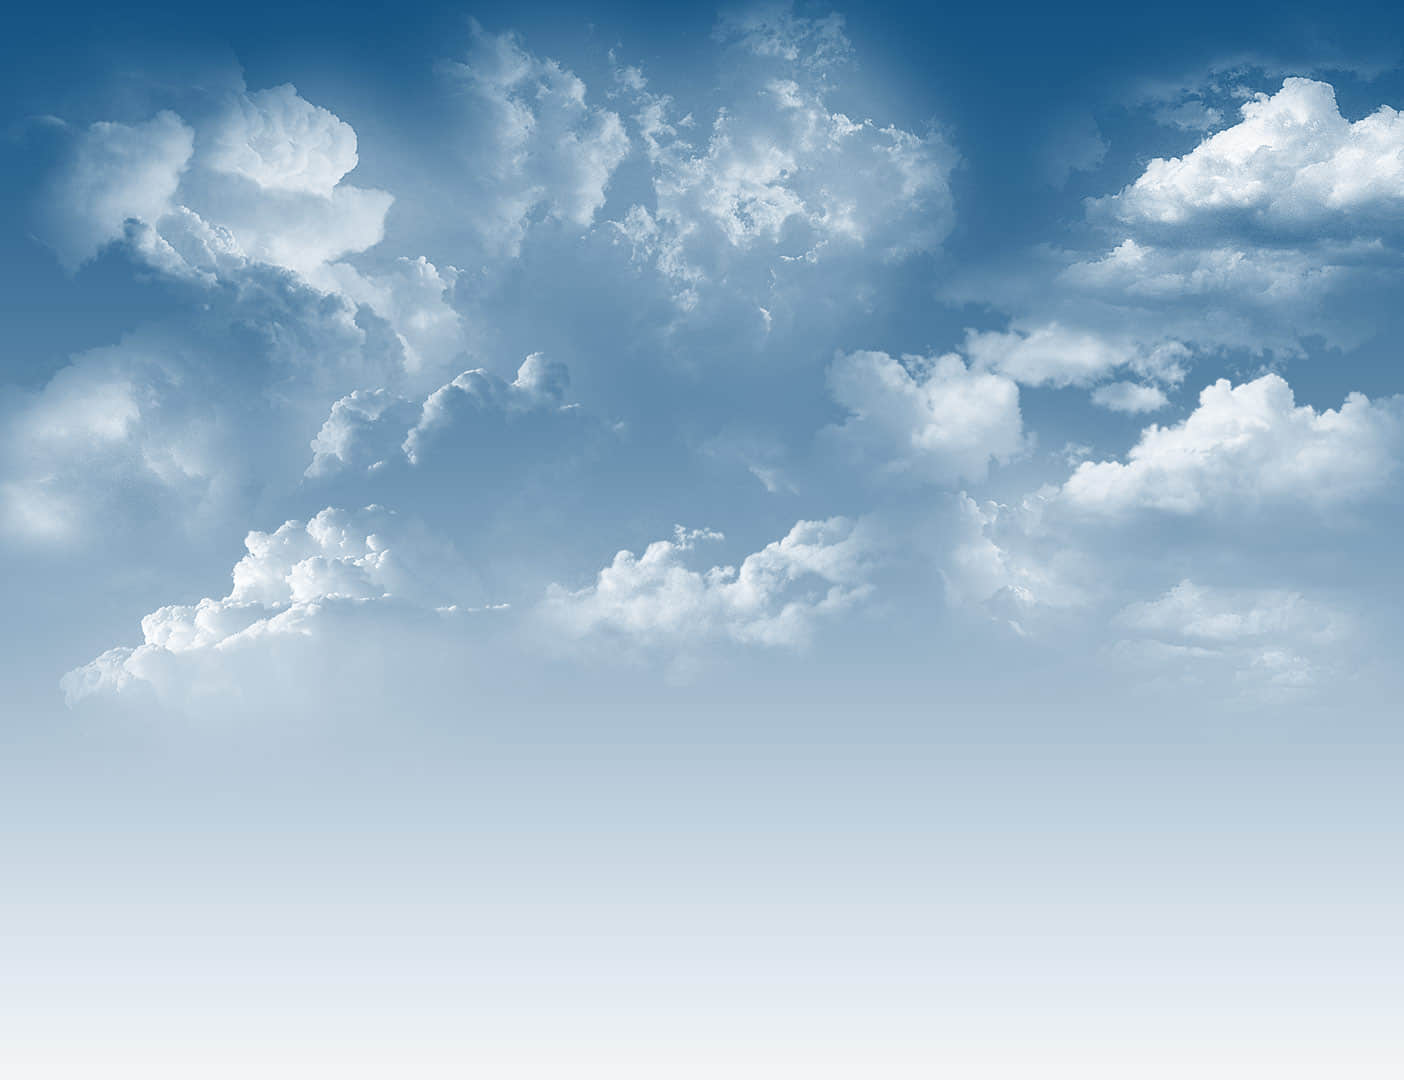 10种云朵、多云效果、天空白云PS笔刷下载 白云笔刷 多云笔刷 云朵笔刷  cloud brushes